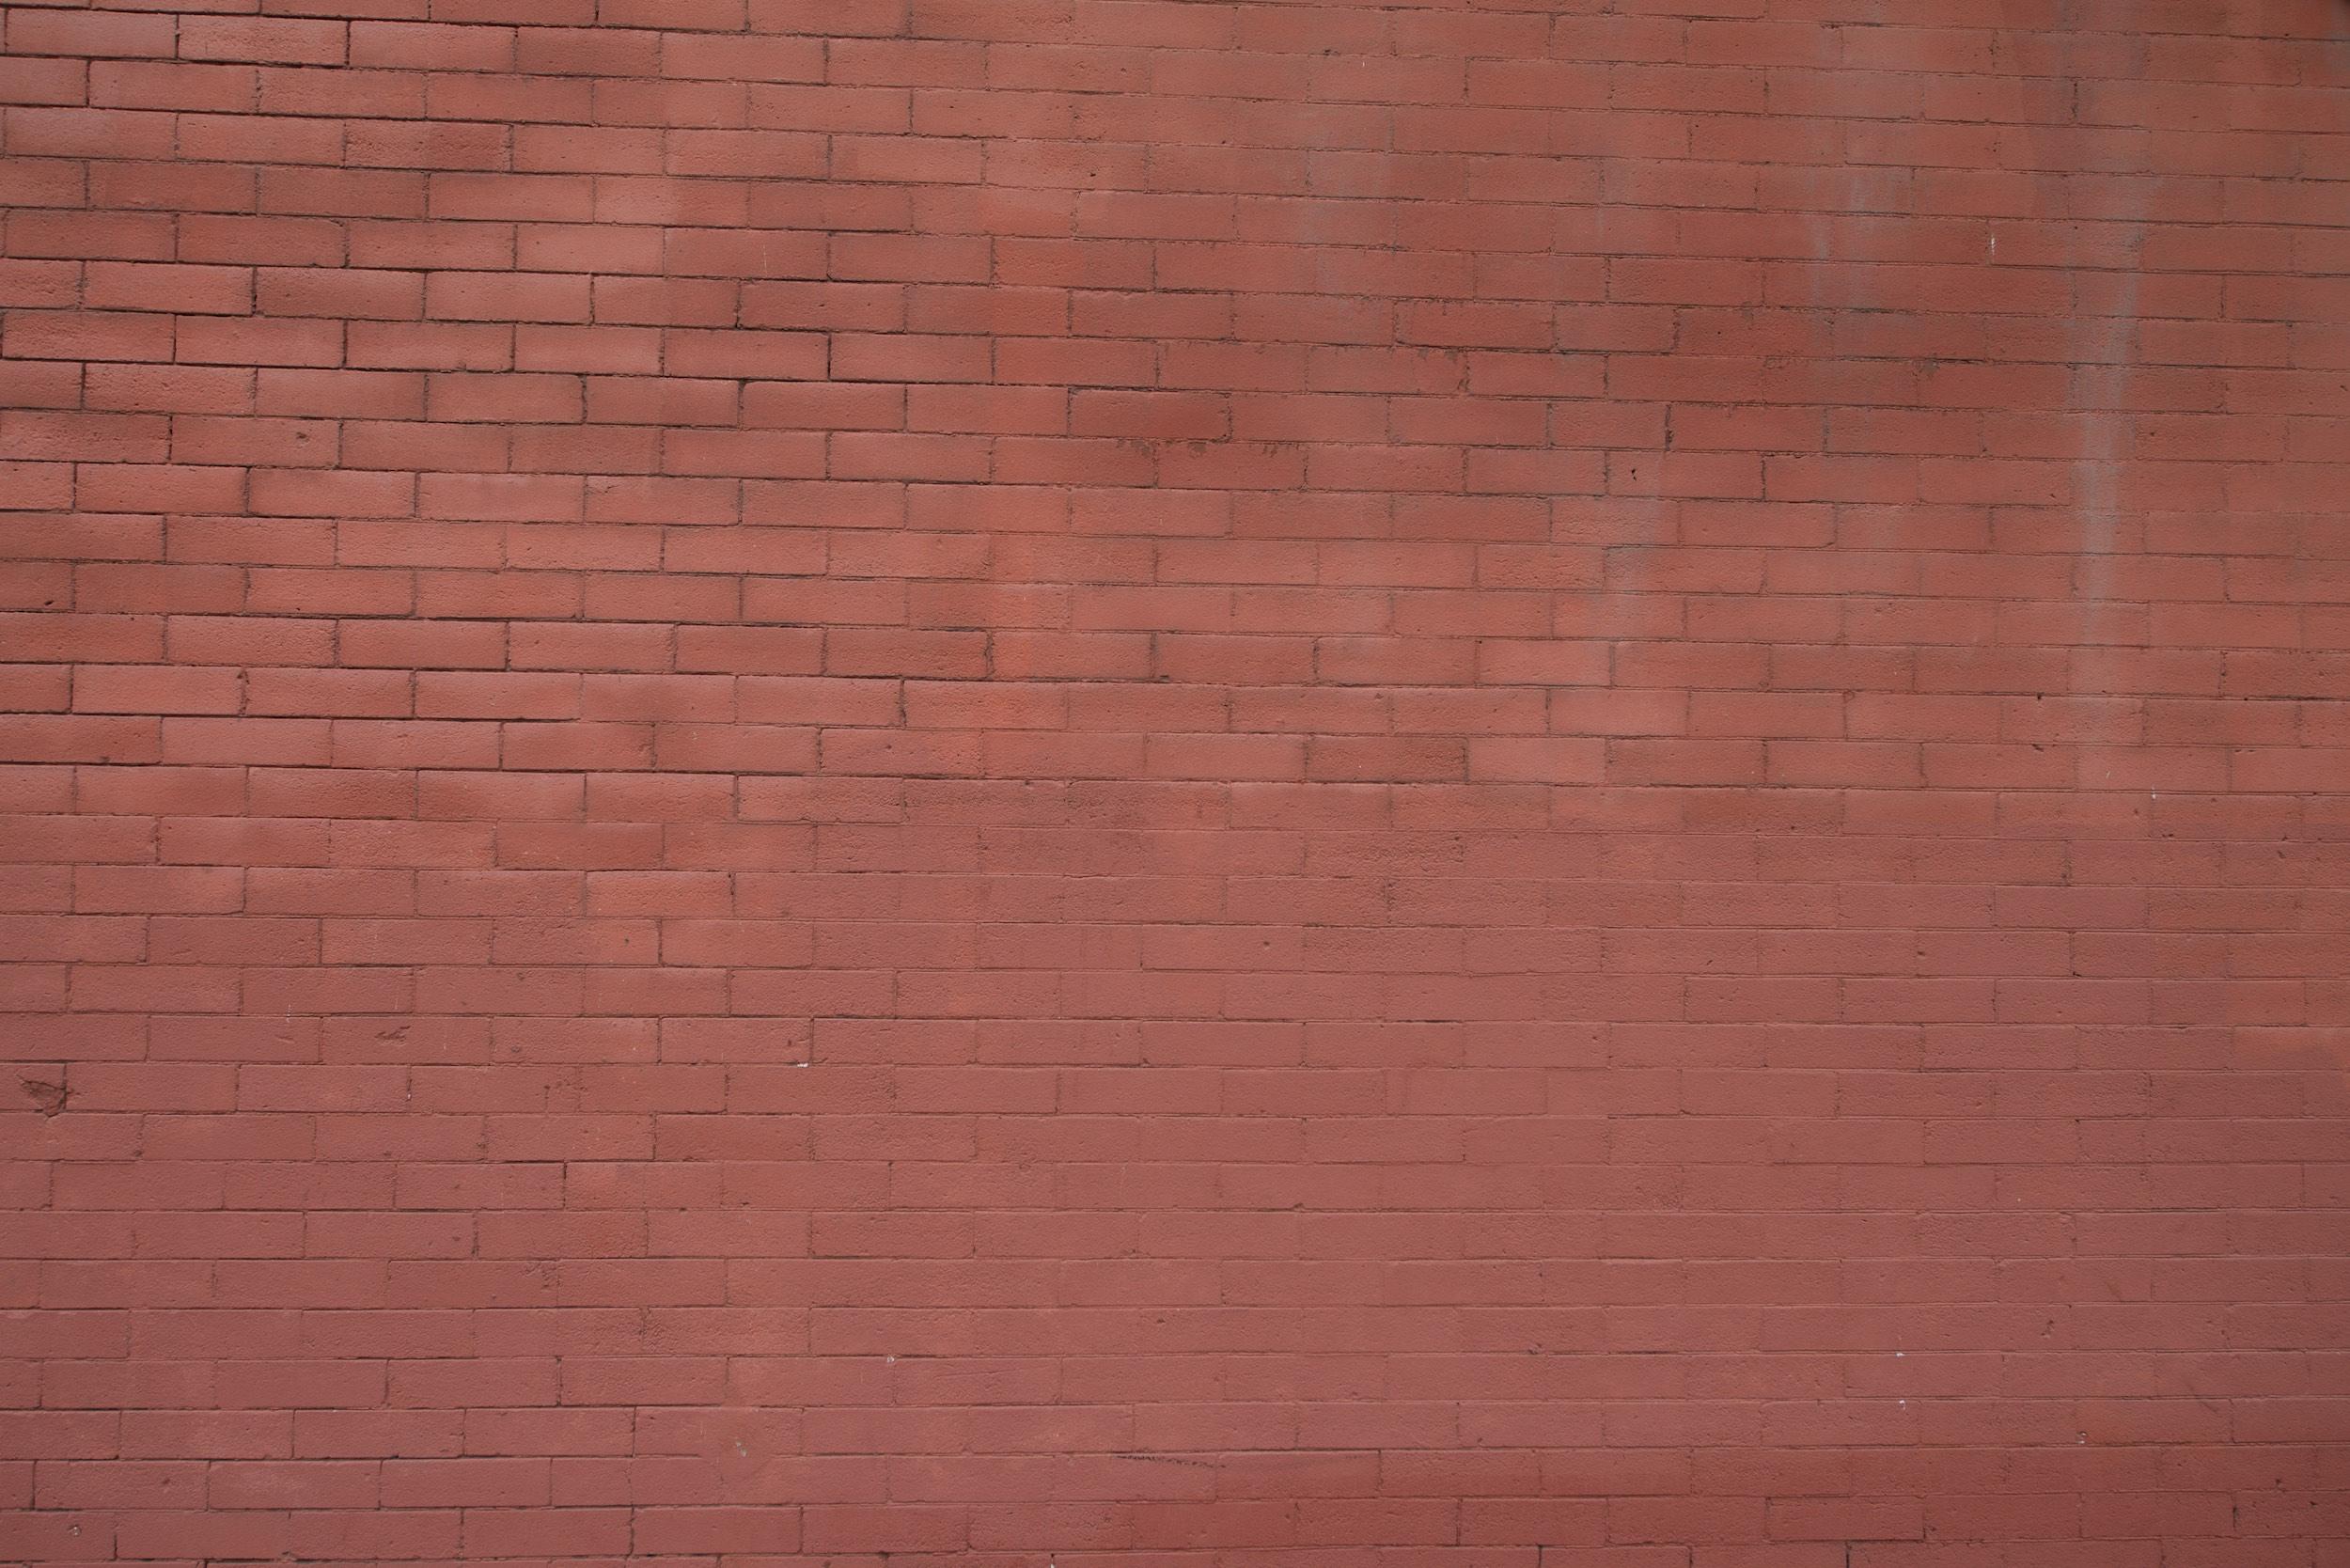 2014-0064-0014.Brick wall, St. Paul, Minnesota.